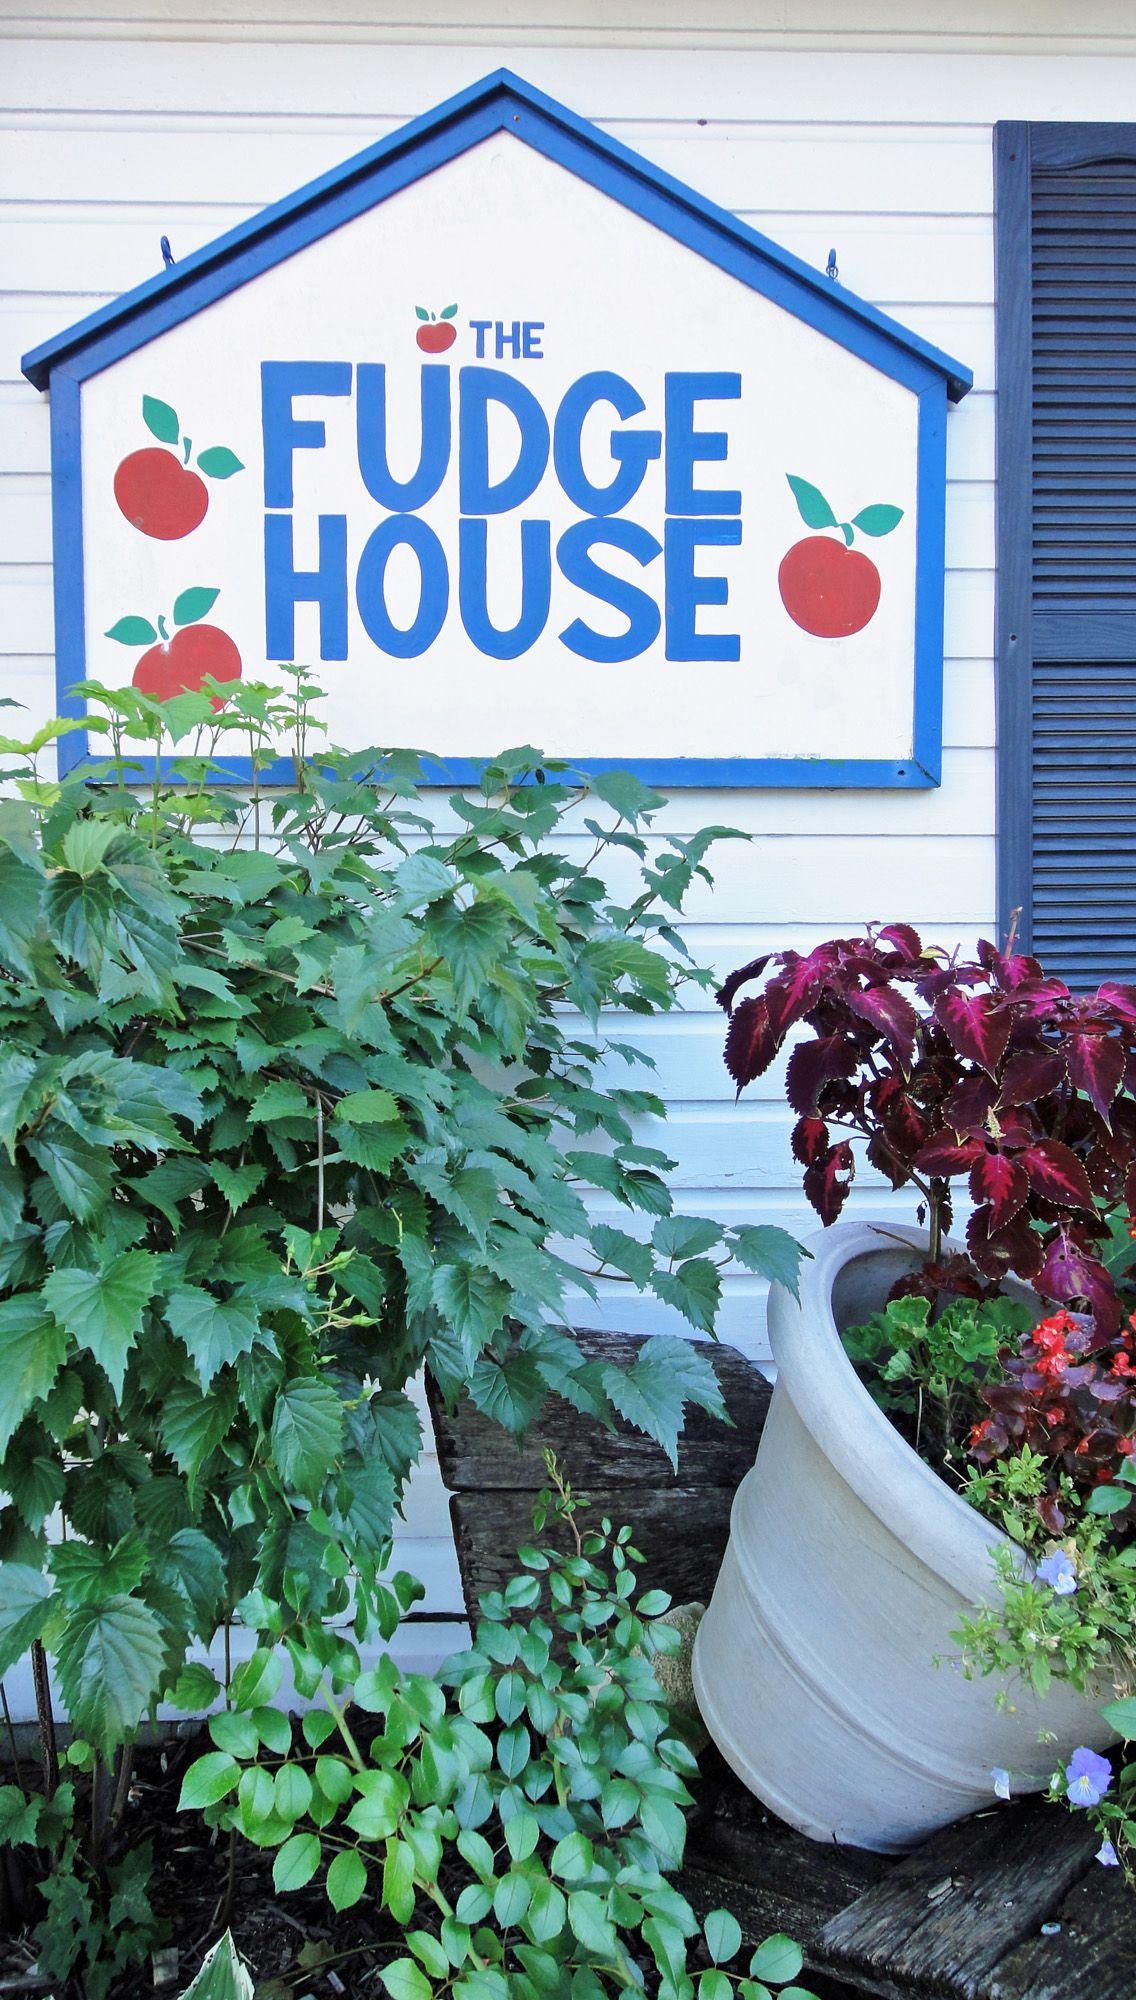 Fudge House in Fish Creek Wisconsin Door County GO